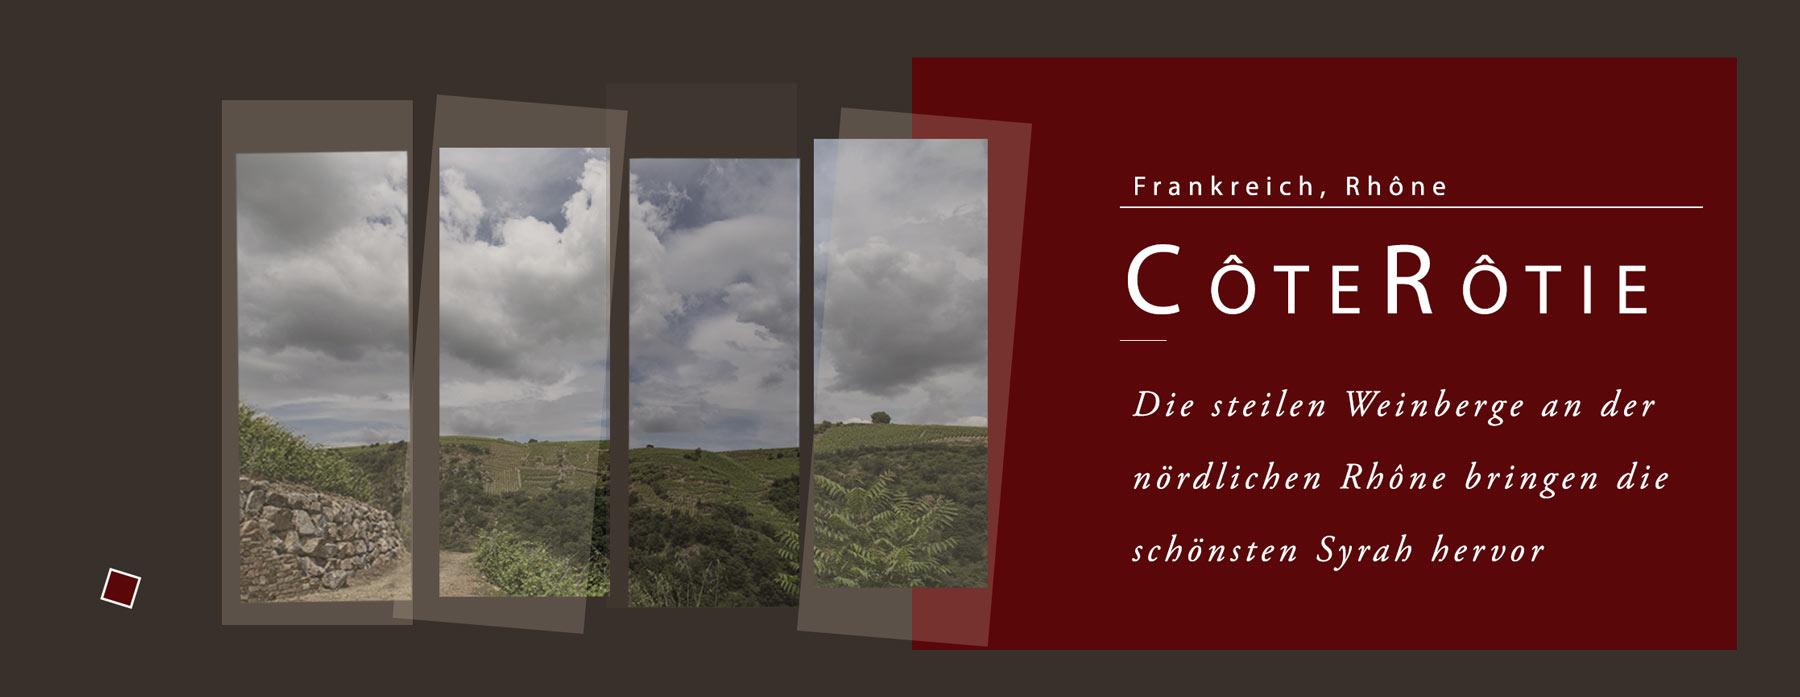 Die Côte Rôtie ist die steilste Lage an der Rhône und vollständig mit Syrah bestückt. Die Weine sind weltweit der Maßstab für Syrah-Weine.